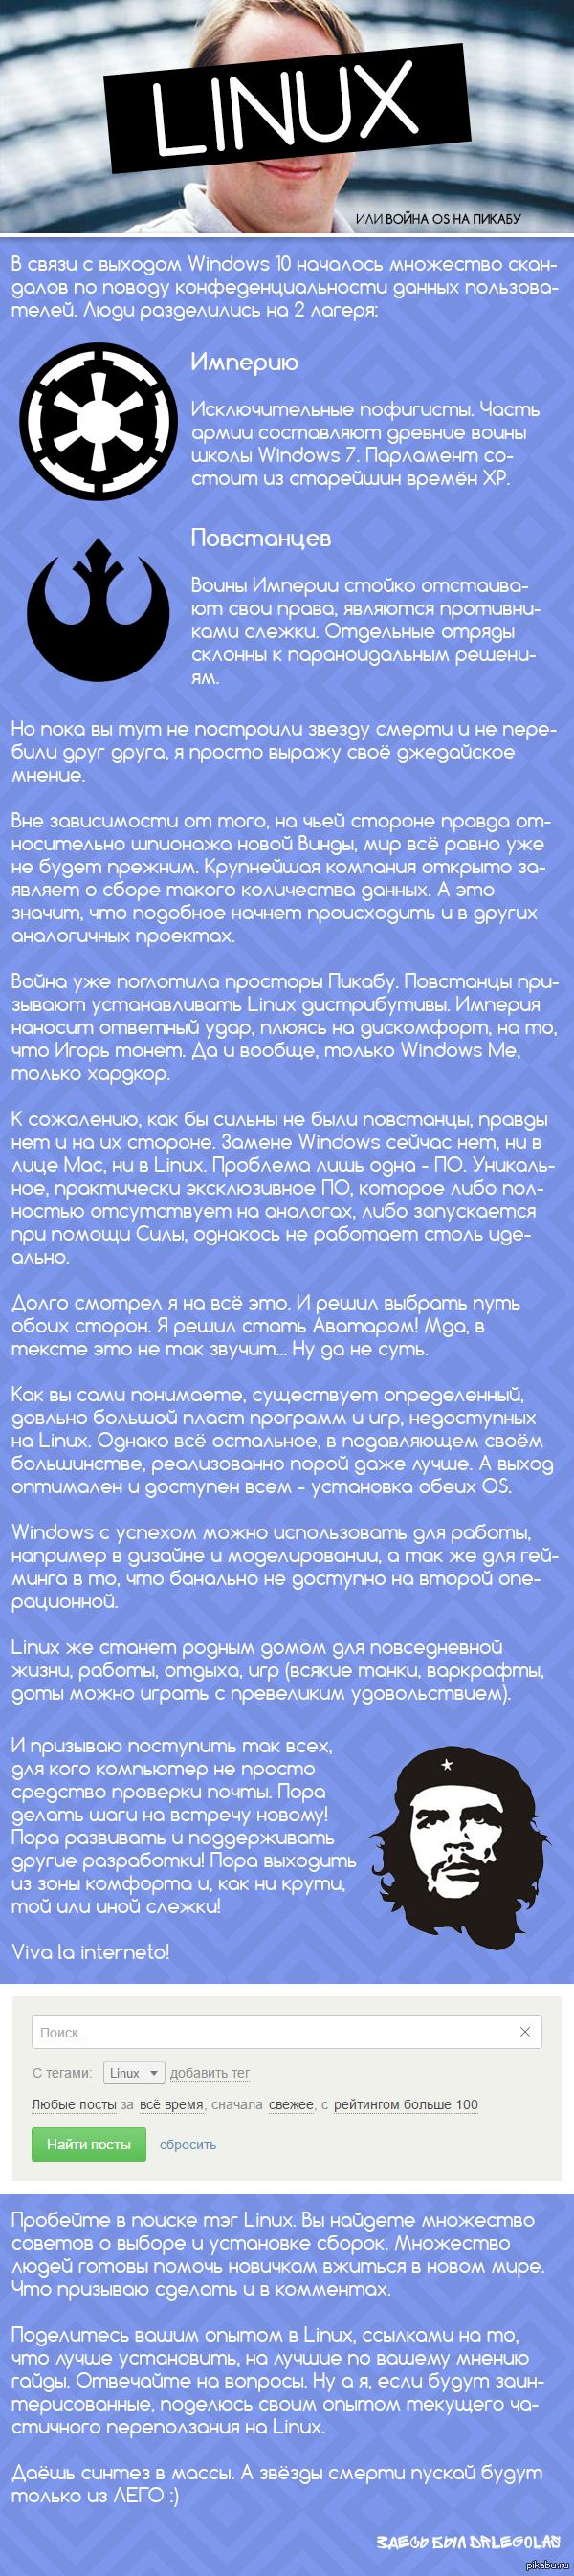 Опять про Linux и Windows Моё имхо, можете просто пропустить)